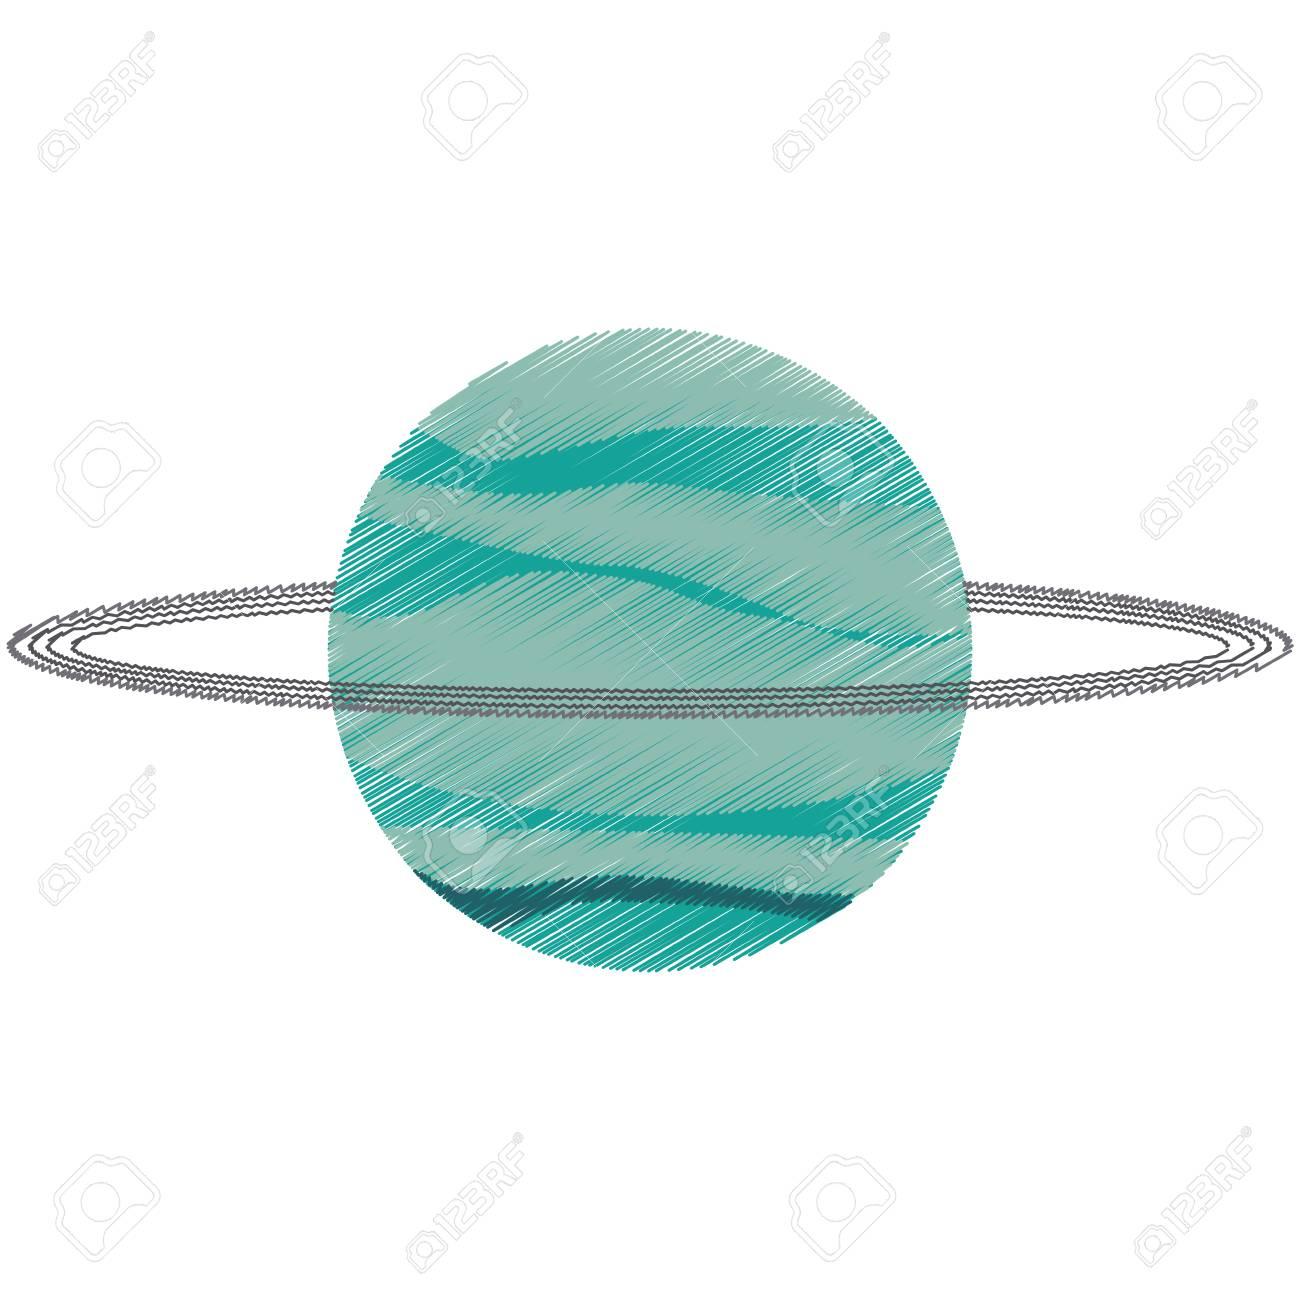 hight resolution of drawing uranus planet solar system vector illustration eps 10 stock vector 74660863